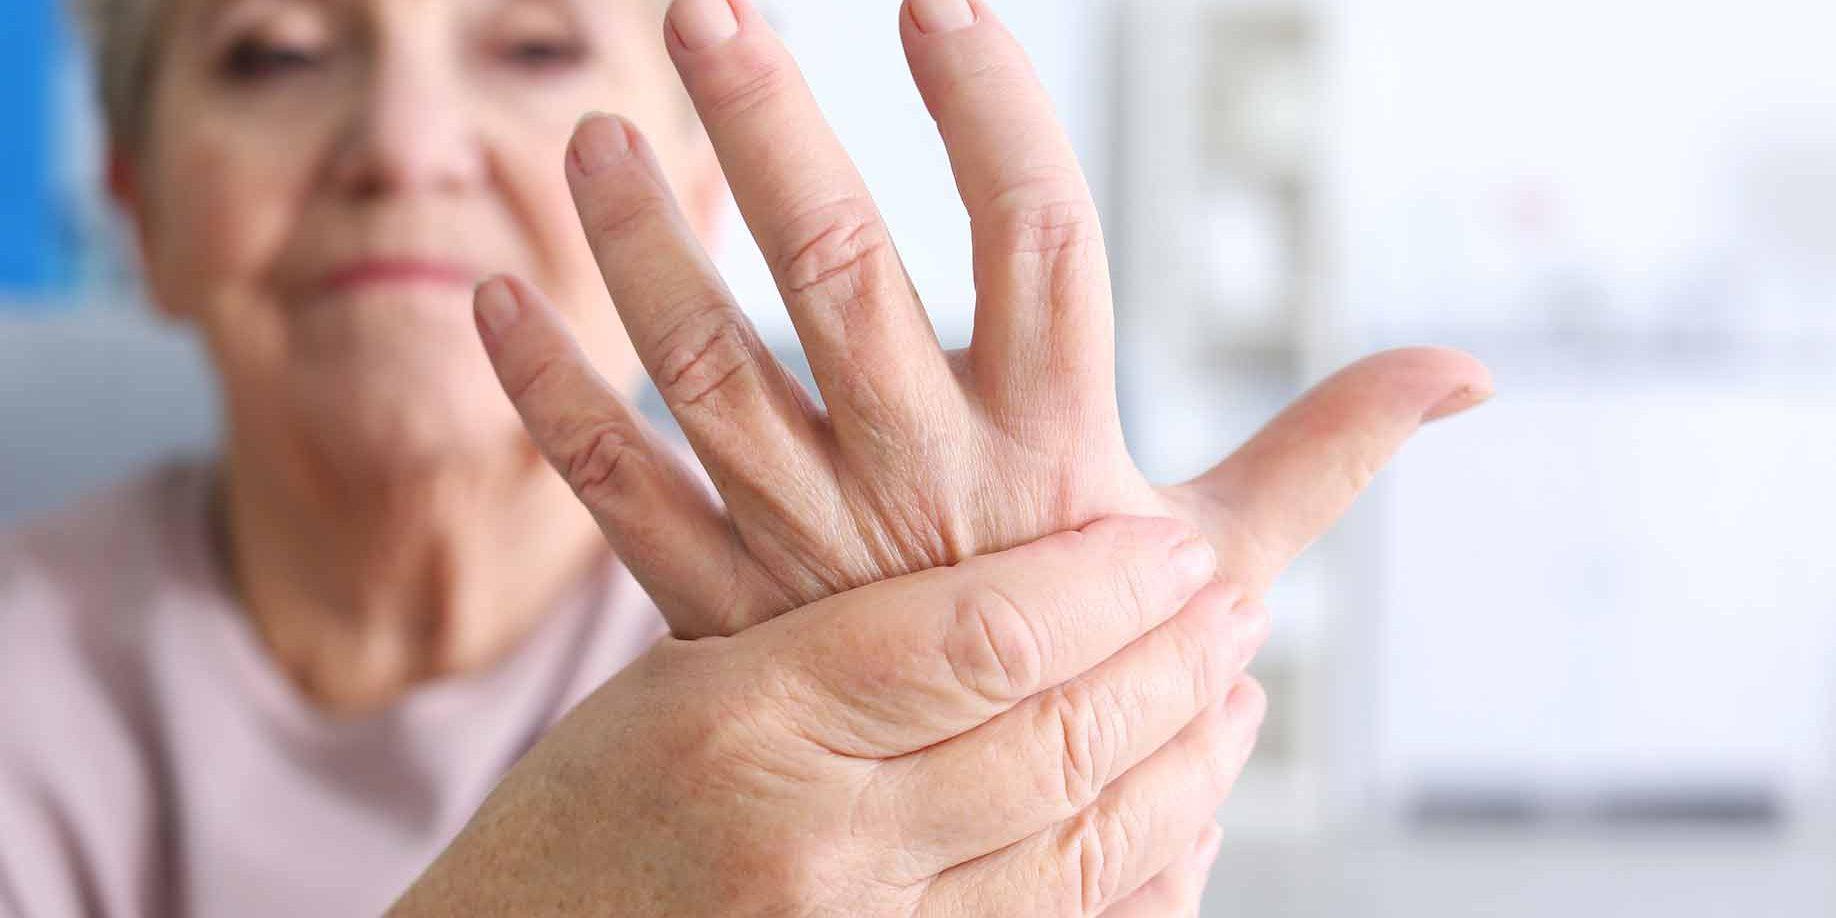 skausmas pažastų ir sąnarių gydymas nuo alkūnių sąnarių skausmas